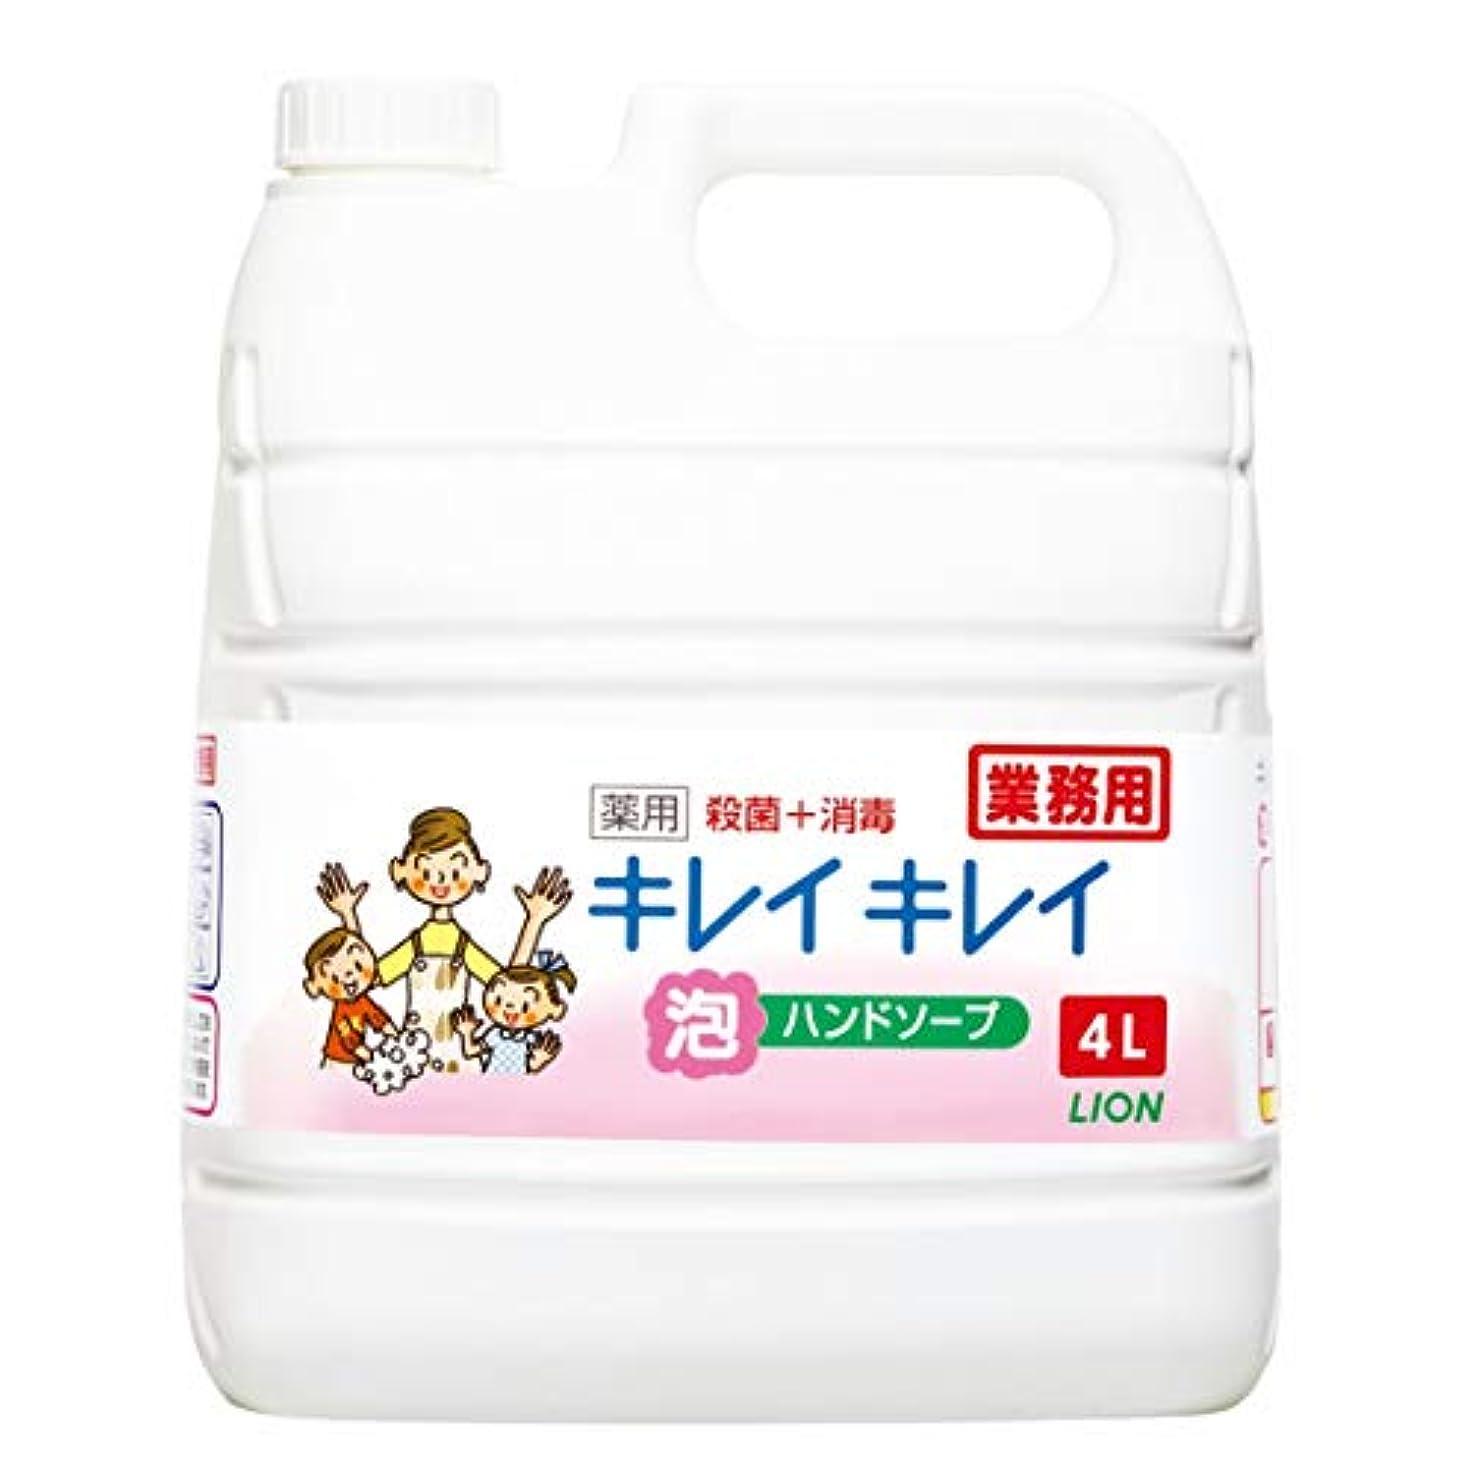 補う賃金まあ【業務用 大容量】キレイキレイ 薬用 泡ハンドソープ シトラスフルーティの香り 4L(医薬部外品)